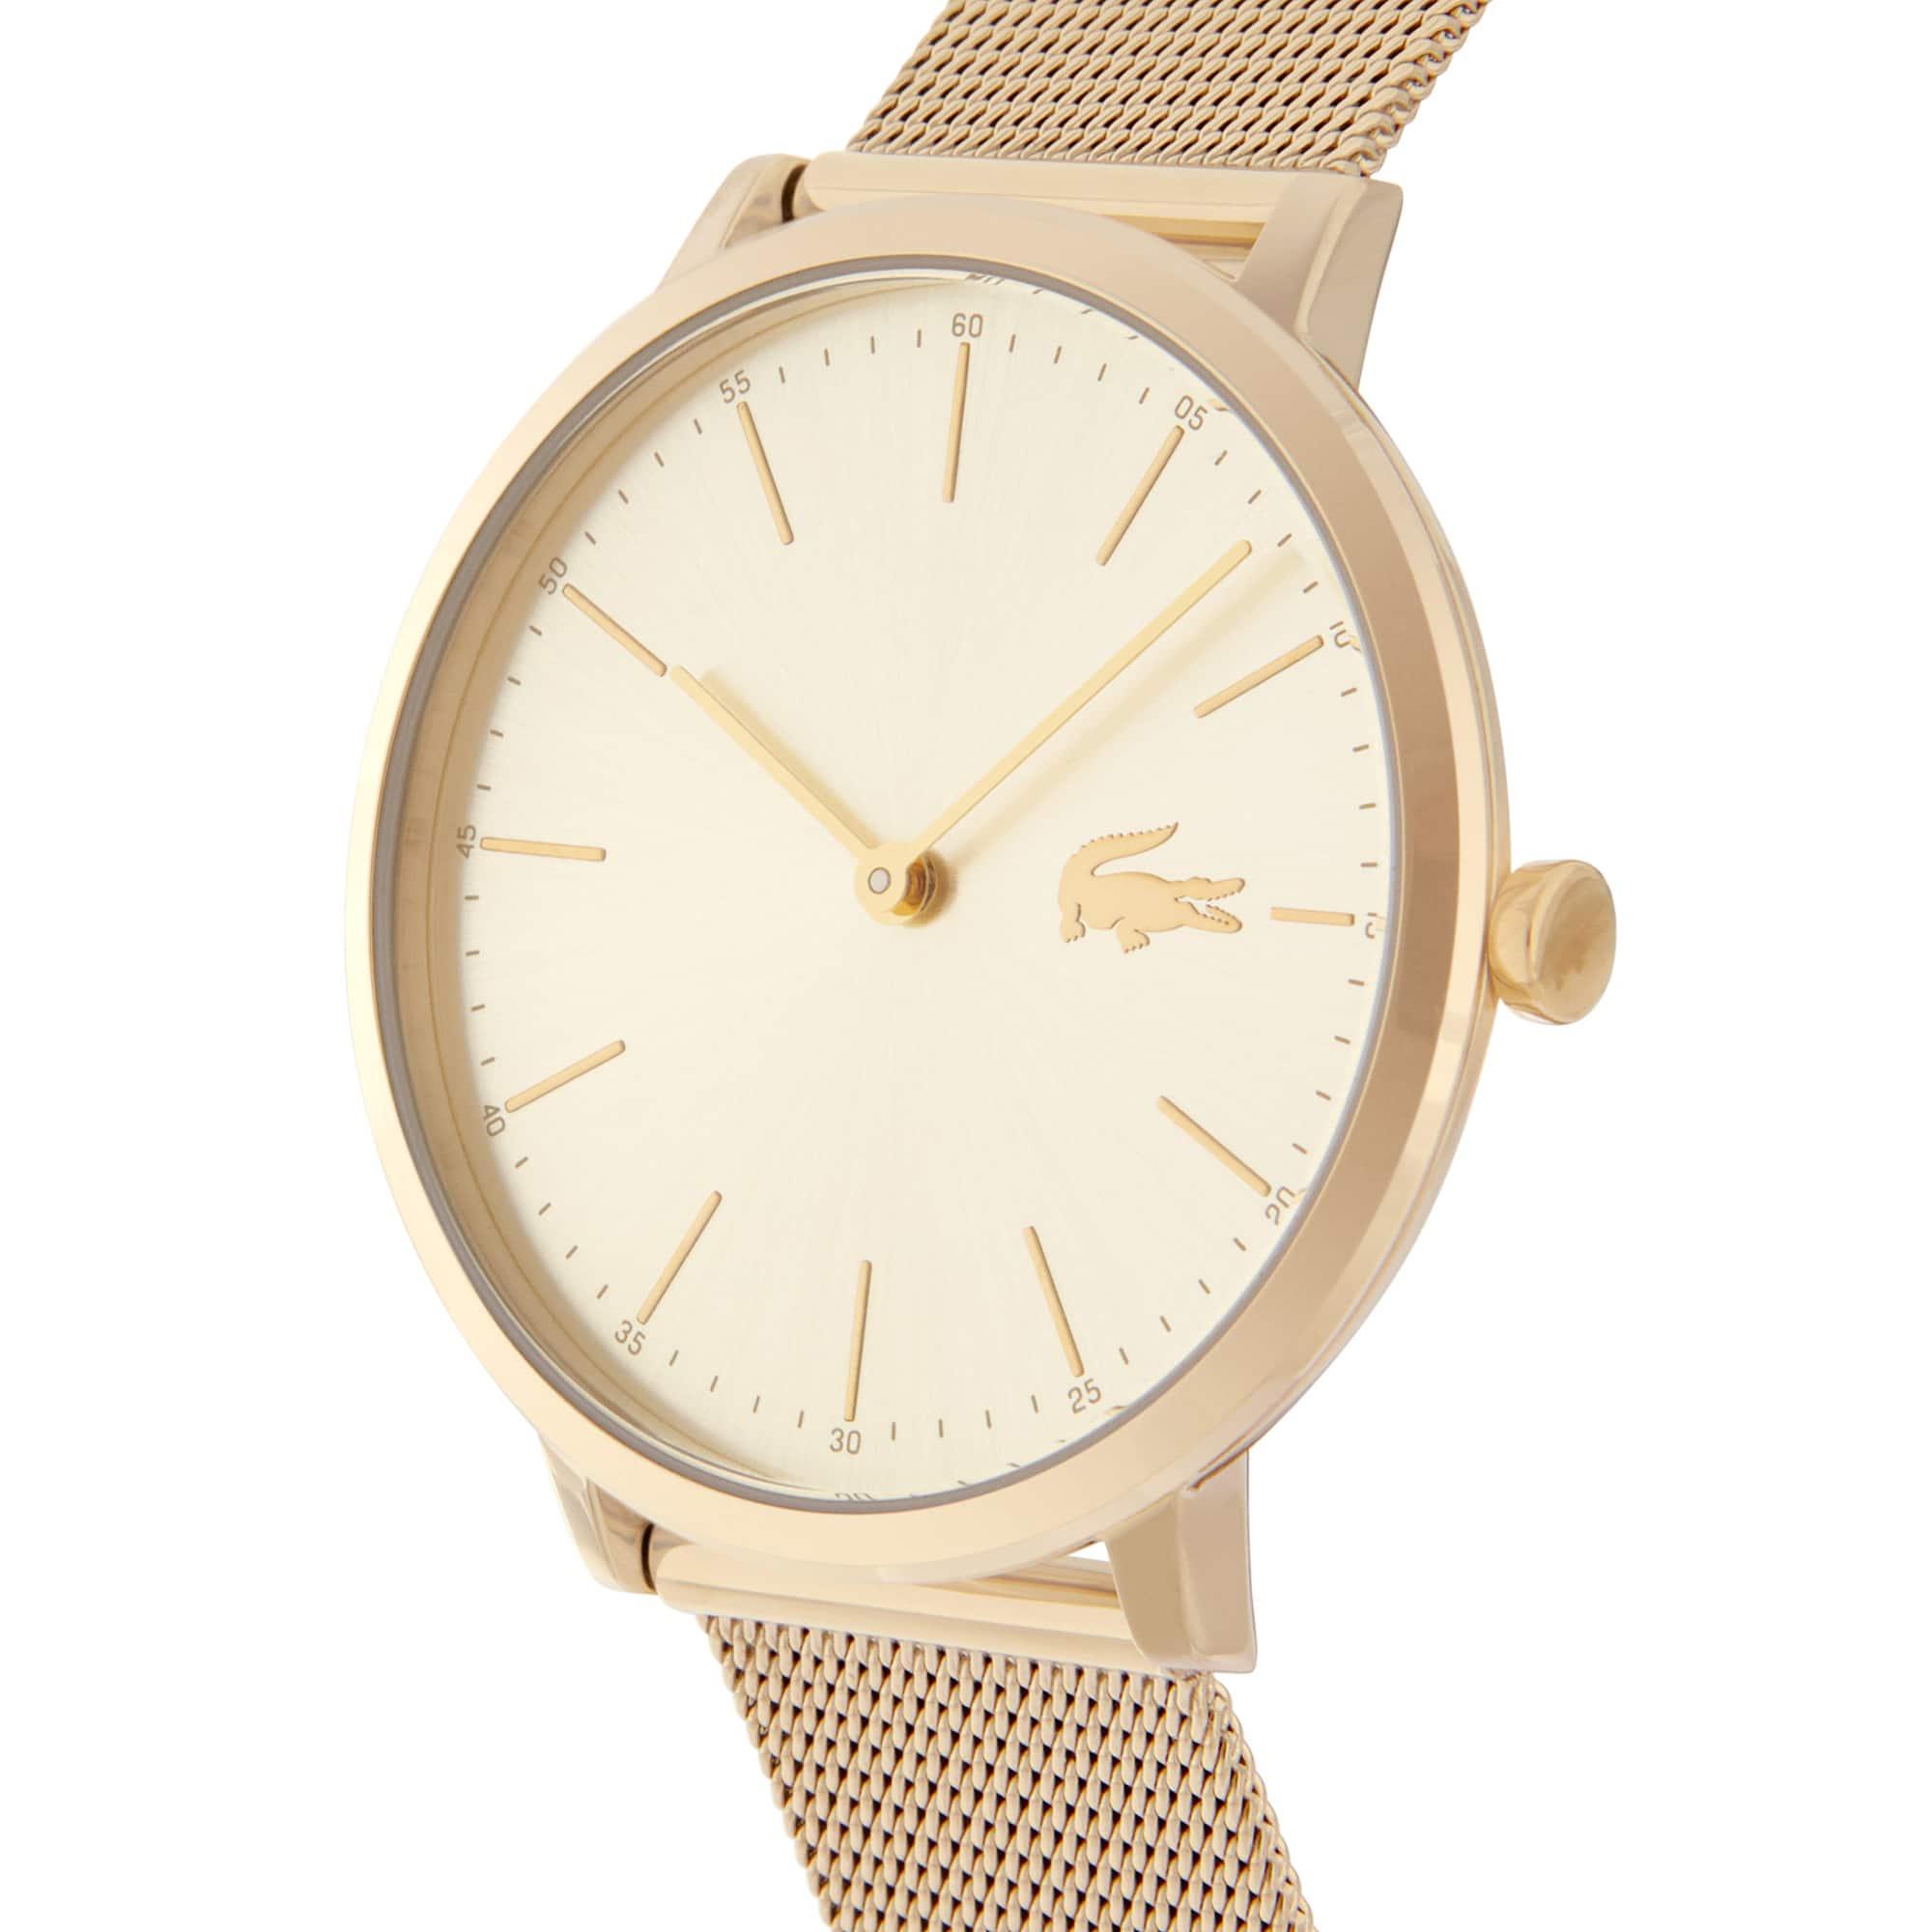 Relógio ultra slim Moon de mulher com bracelete de rede cromada em ouro amarelo